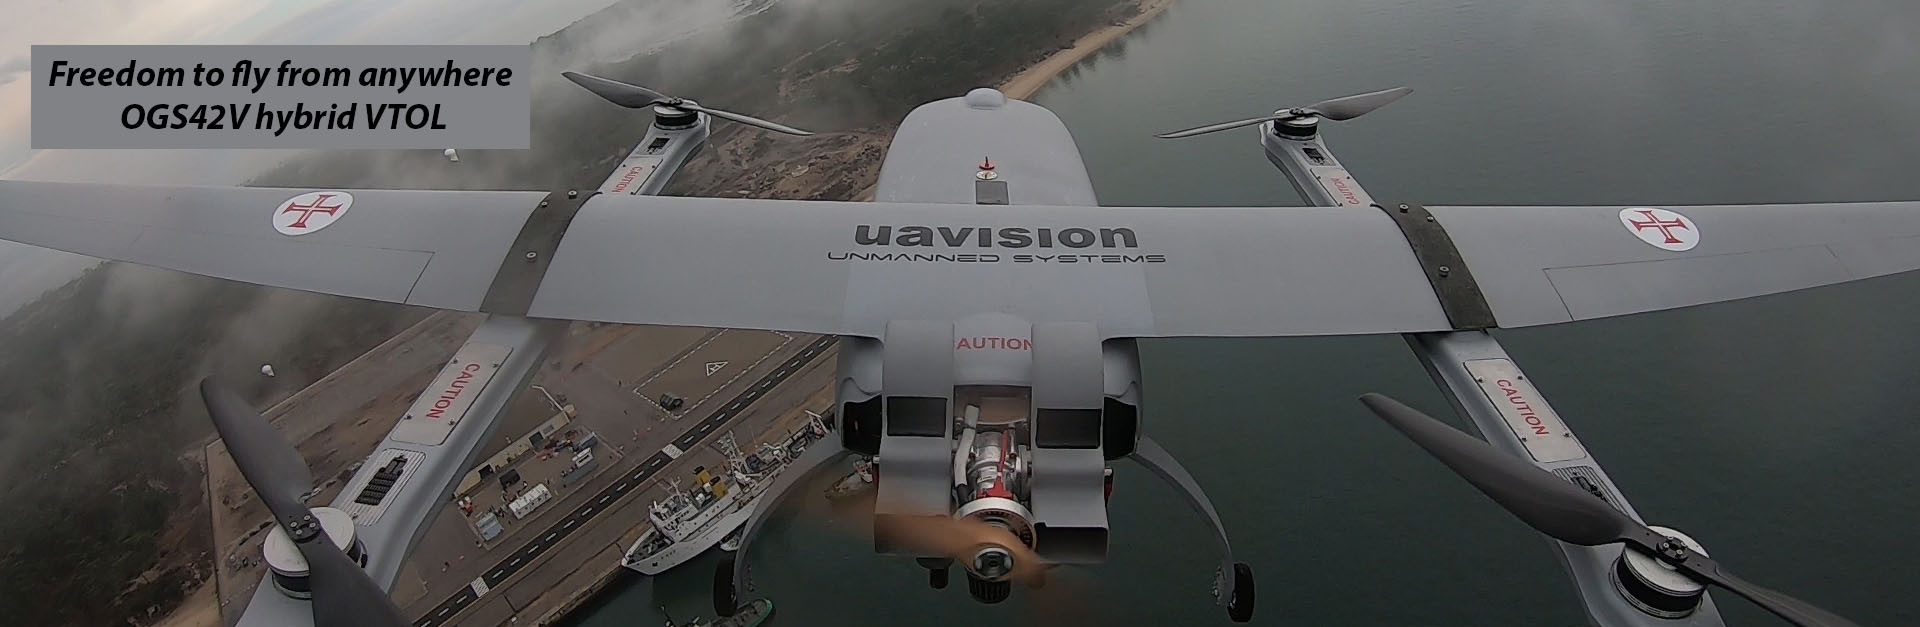 Ogassa OGS42 VTOL Hybrid UAS